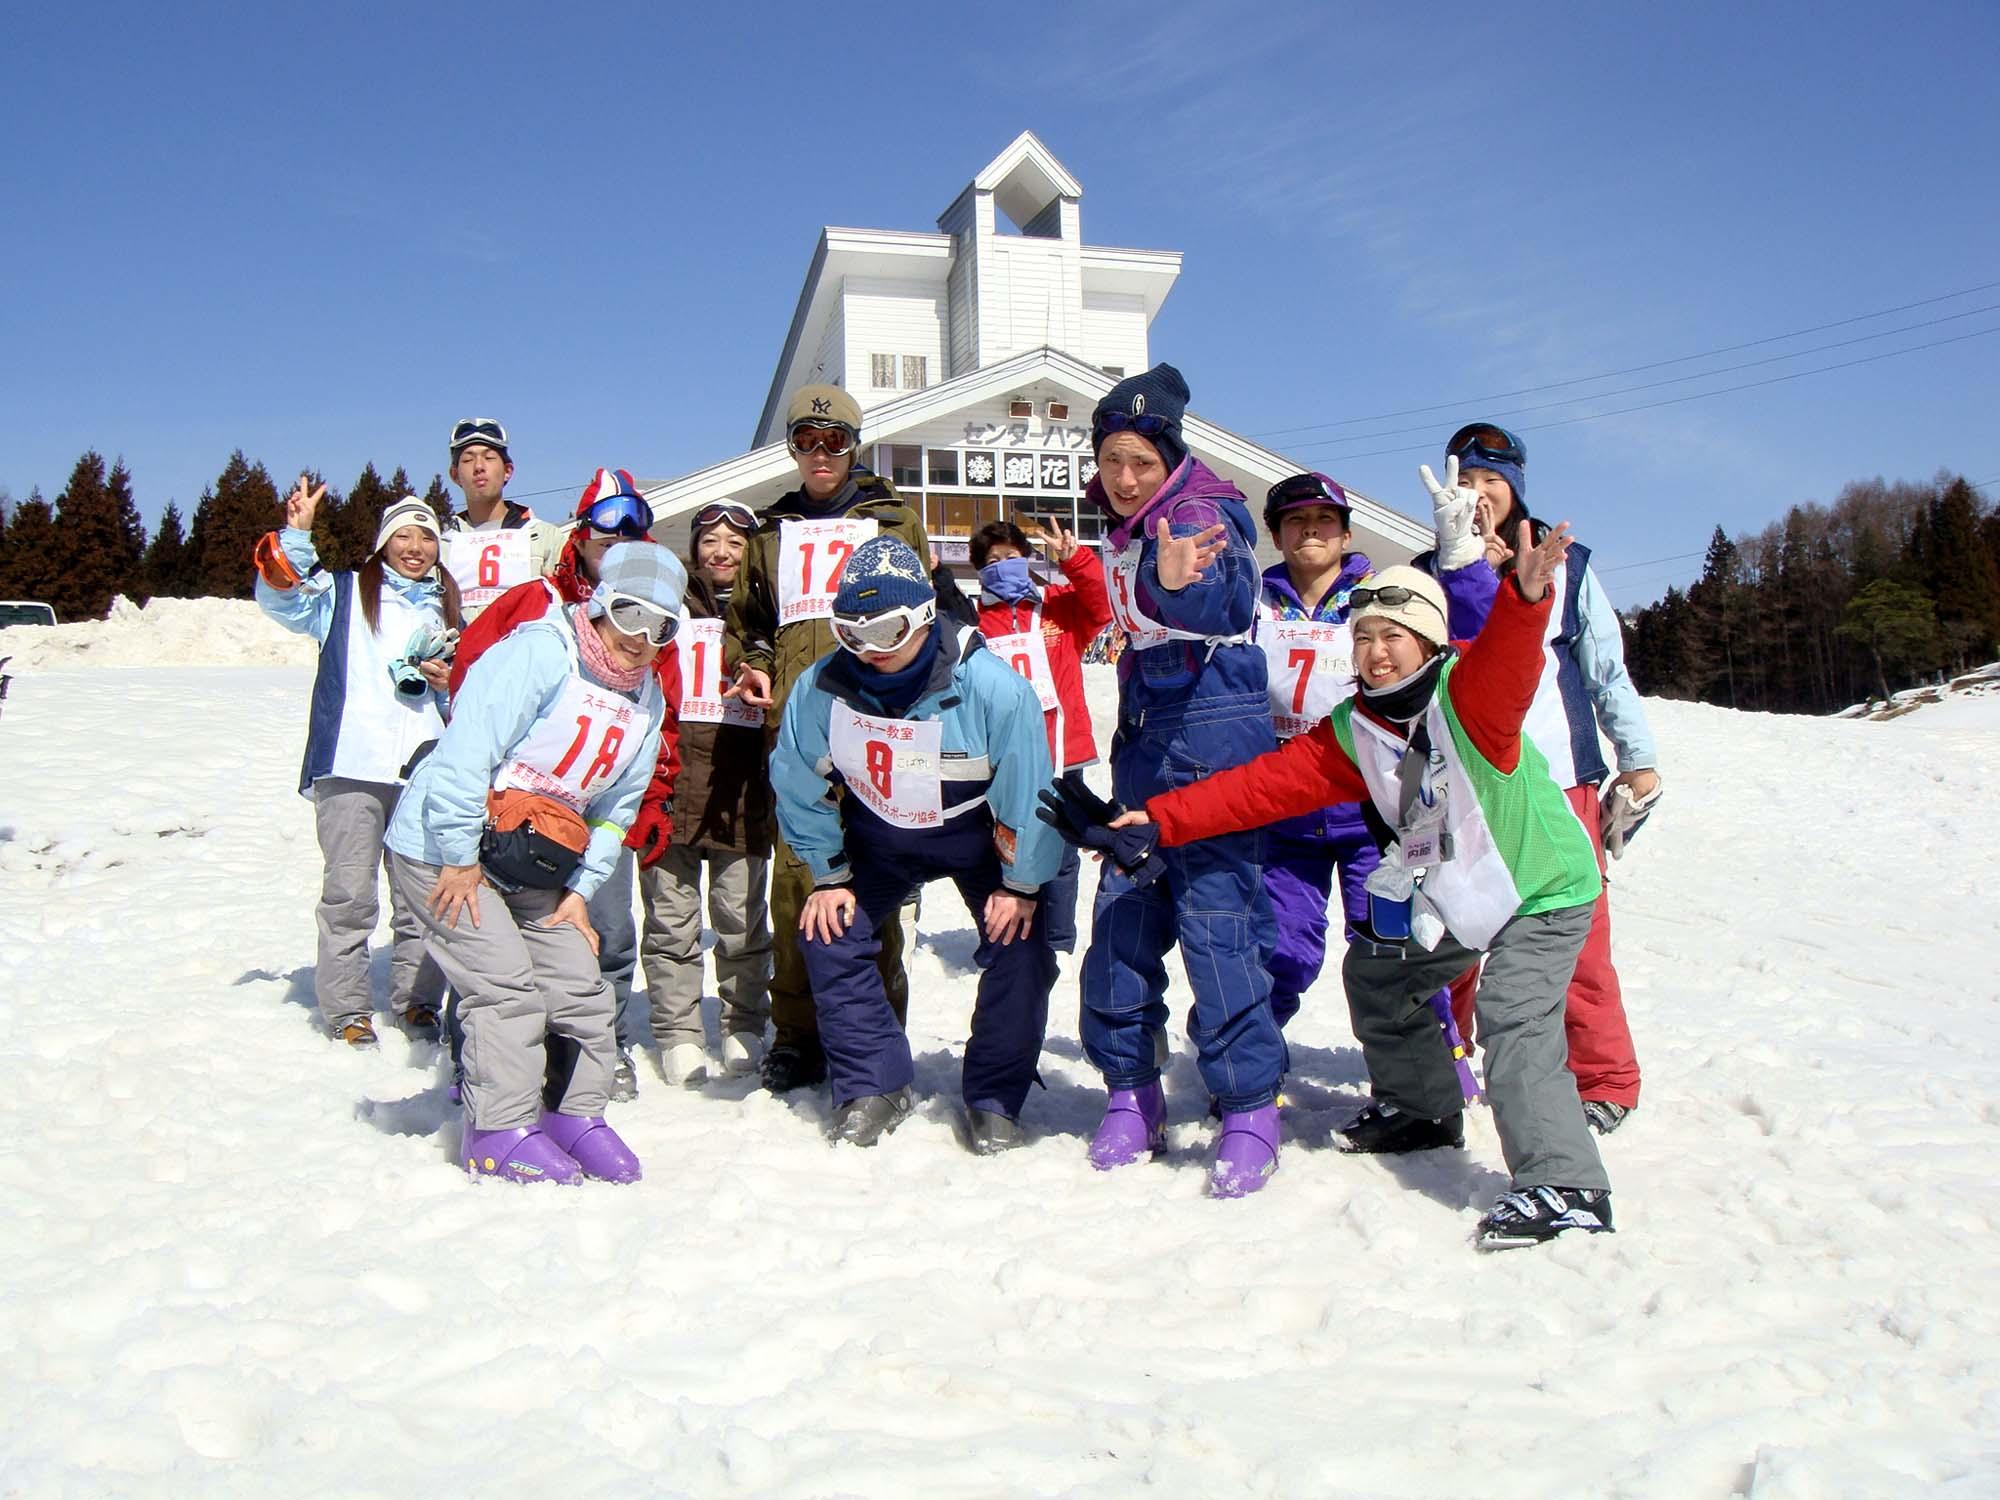 sentahausu - スキー教室・・・行ってきました北竜湖!!